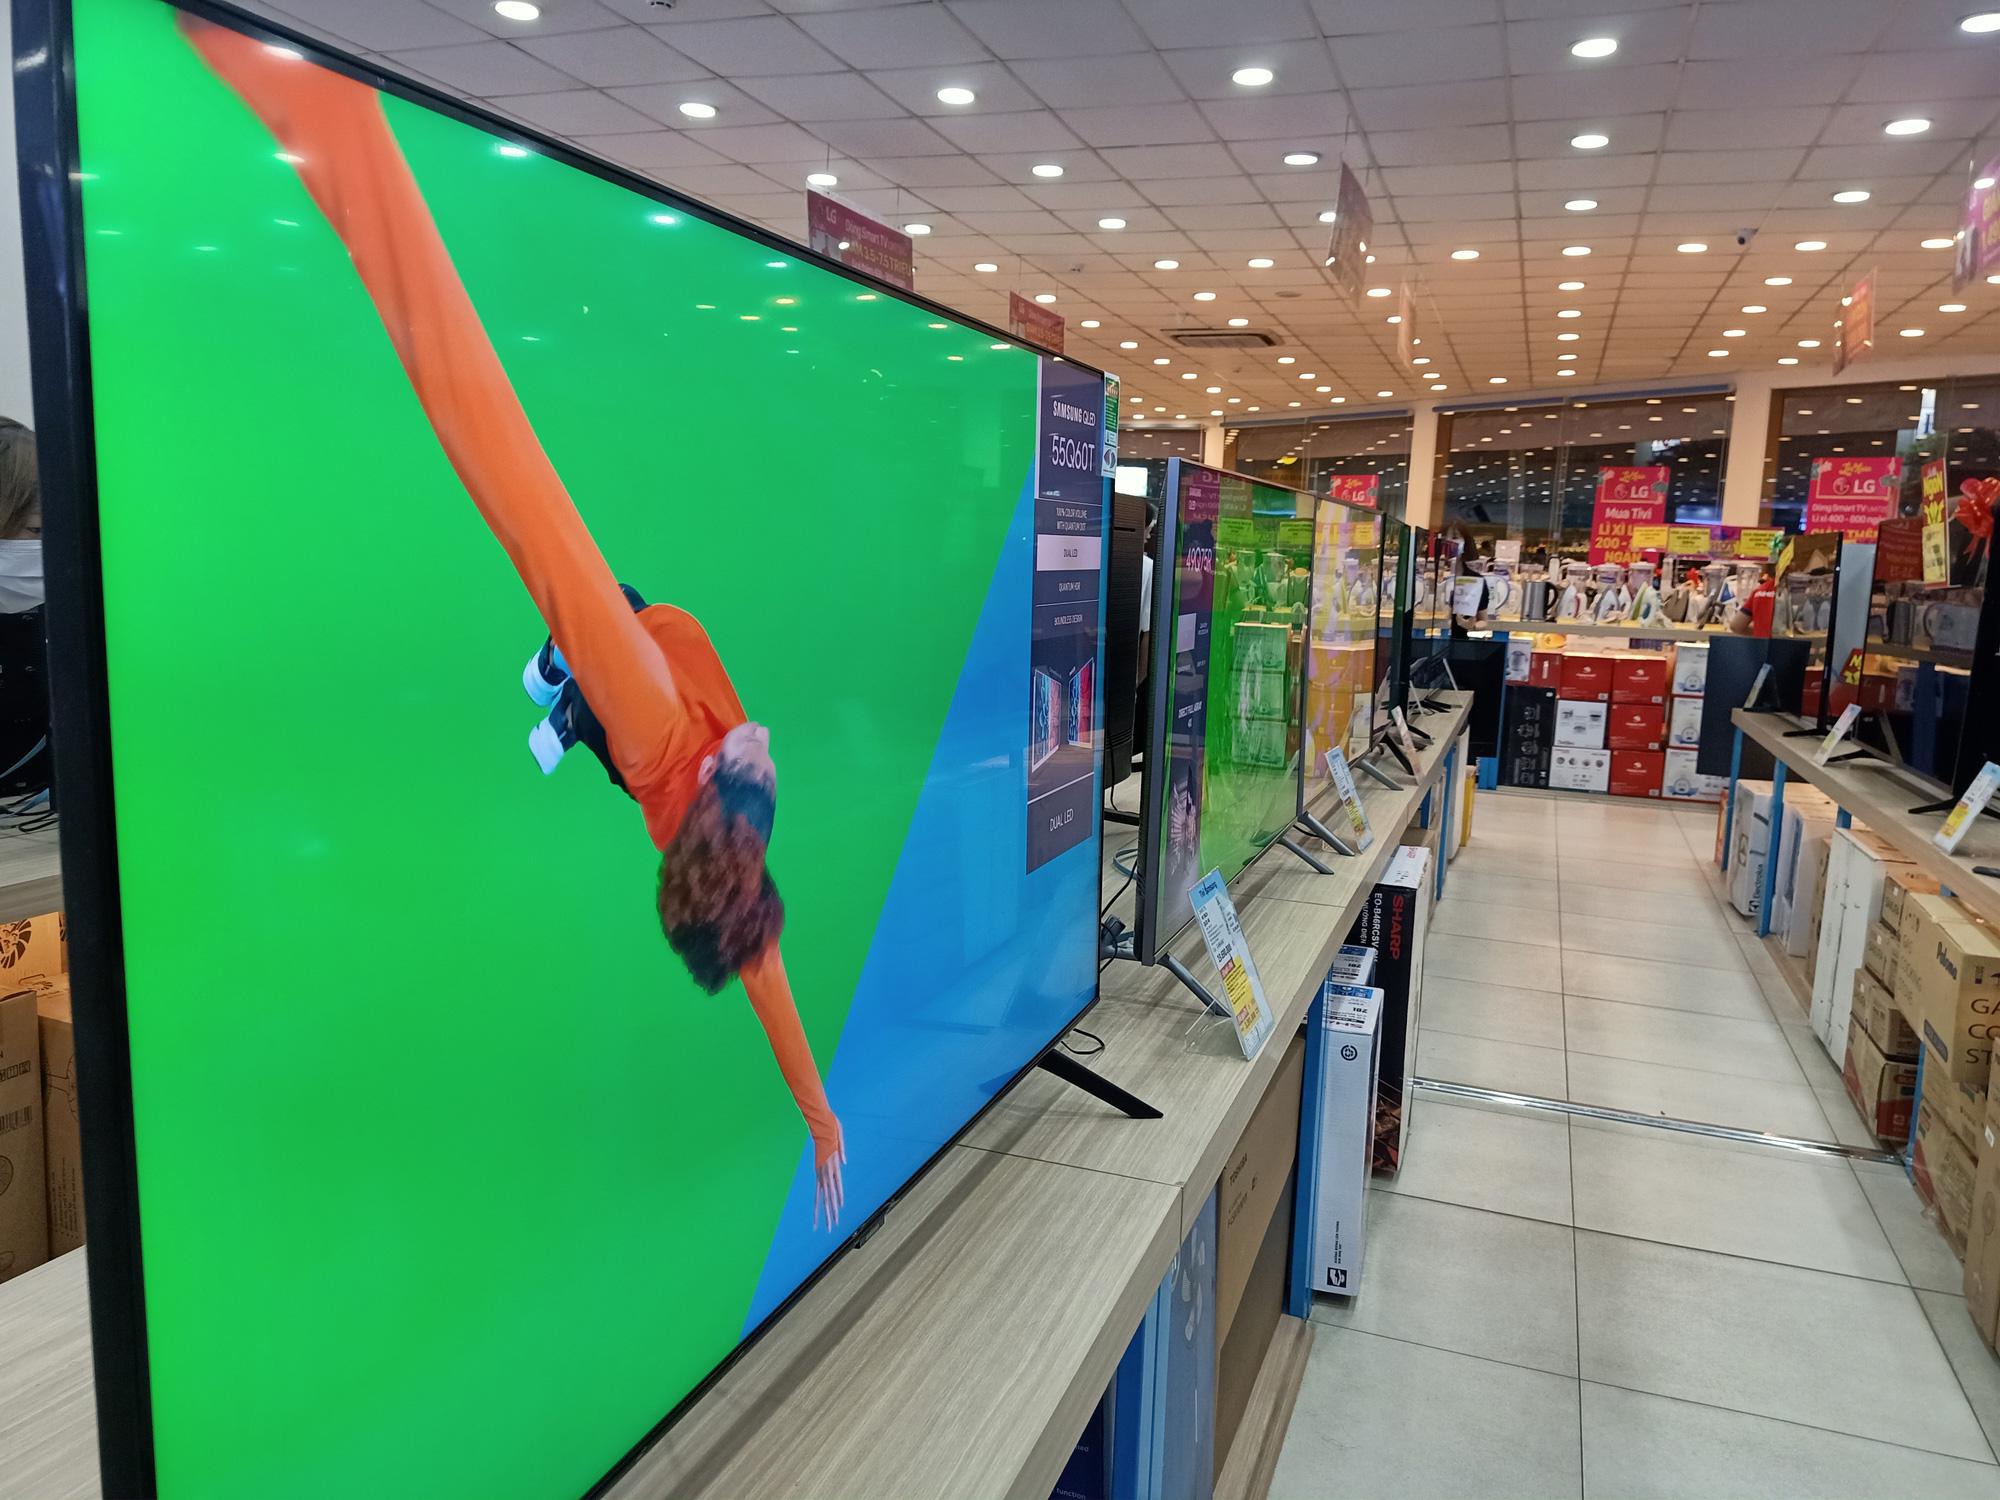 Các chuỗi bán lẻ tiếp tục tung nhiều chương trình tivi giảm giá - Ảnh 1.